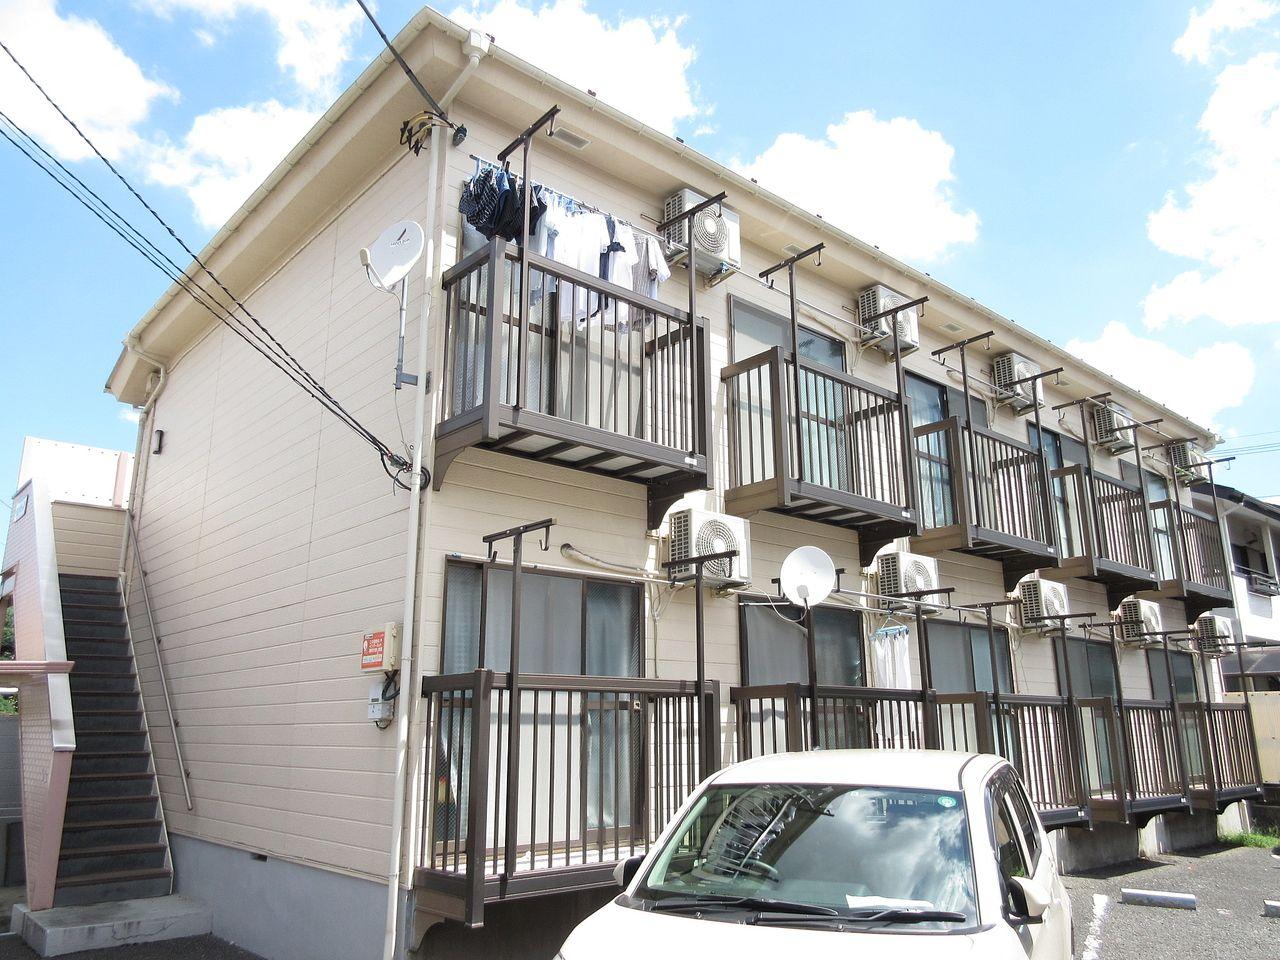 【板橋区高島平の賃貸アパート】~敷地内に駐車場がある単身者物件って珍しくないですか?・ヴォンビューラ202号室~